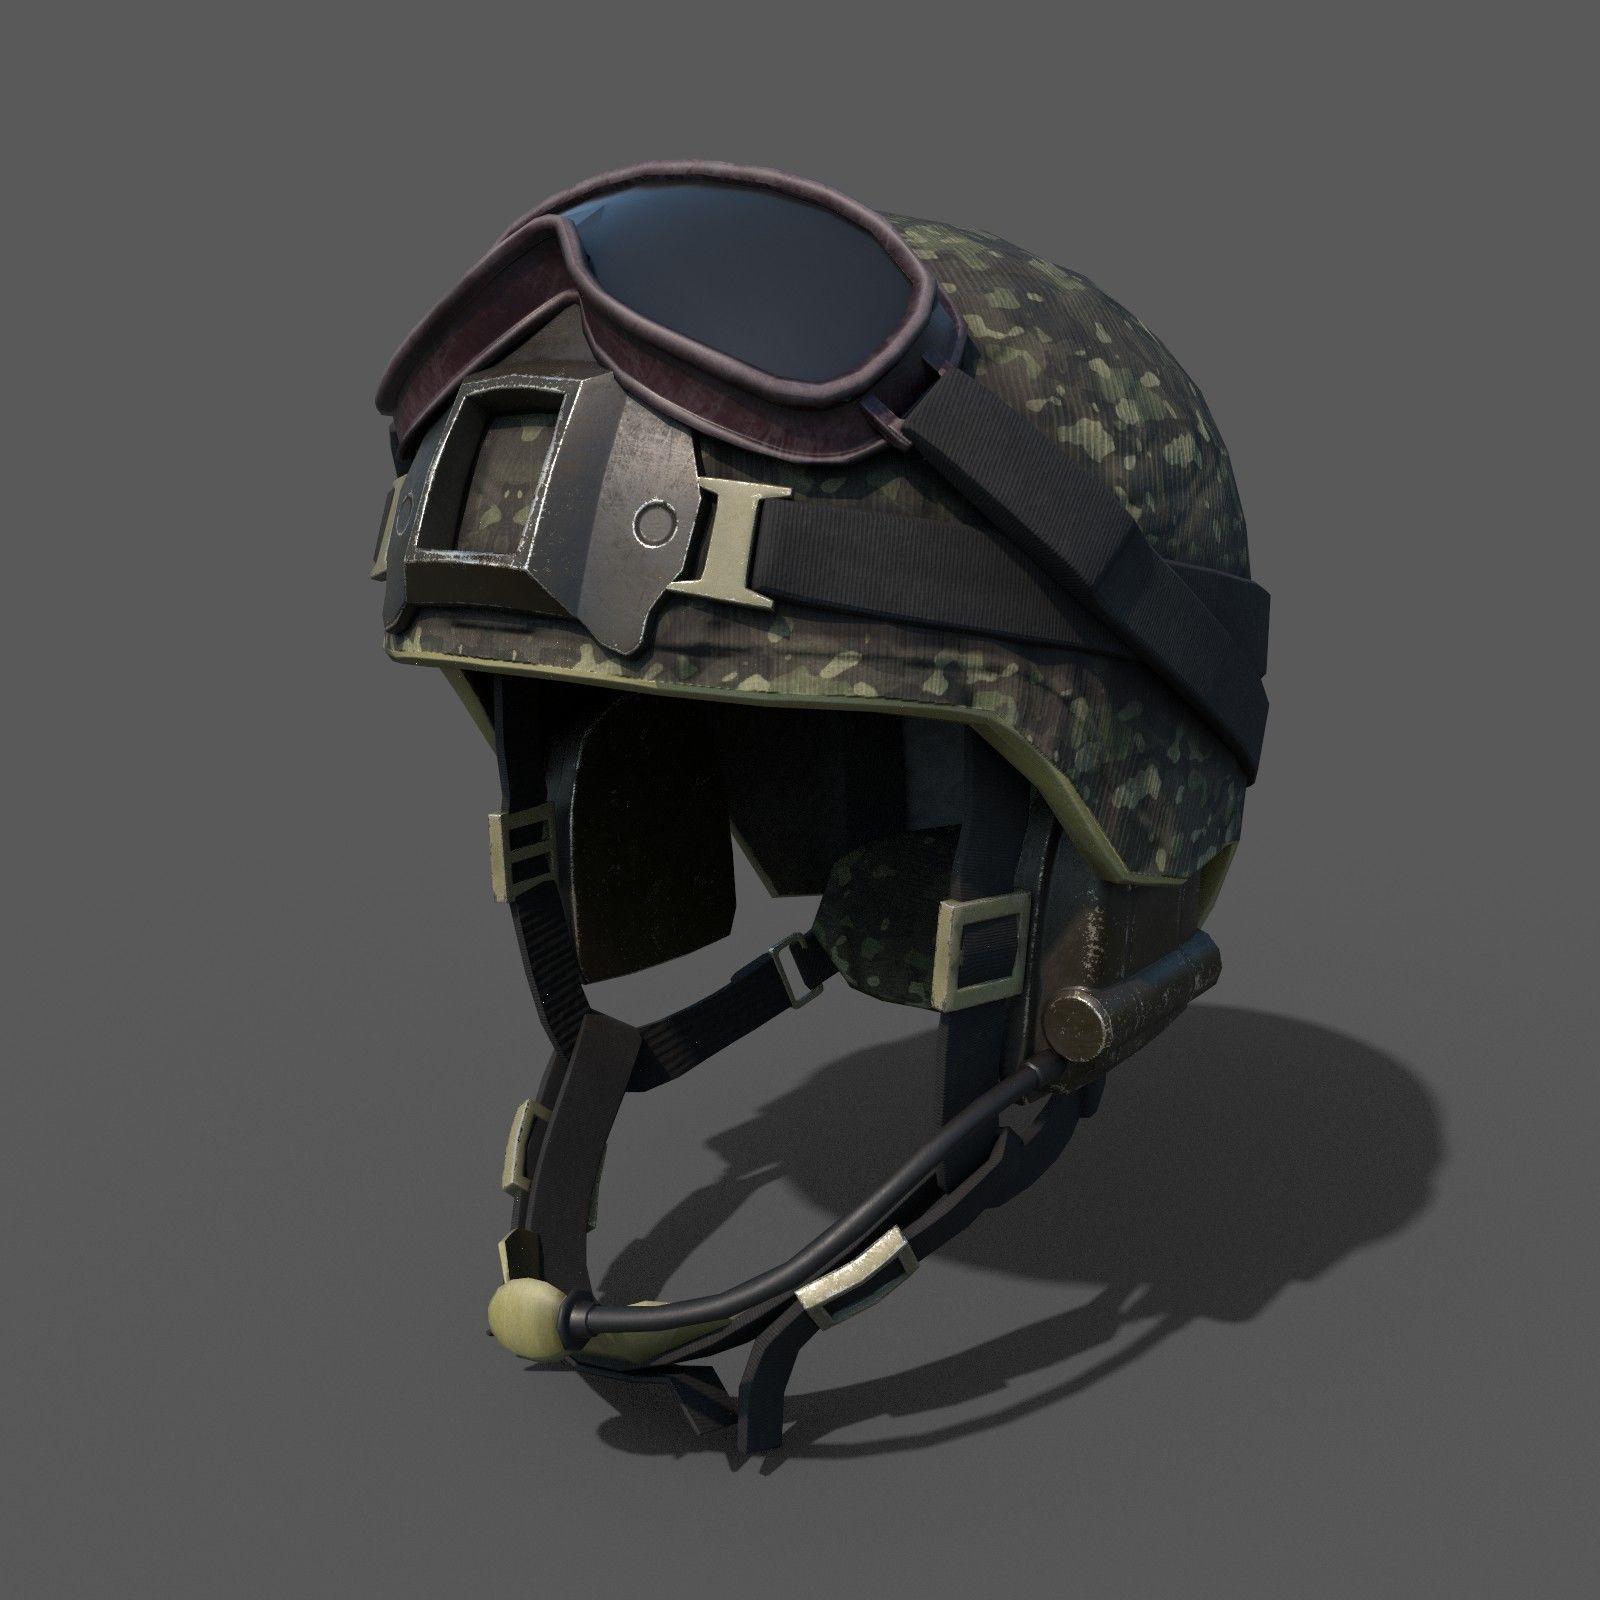 Scifi military helmet ver 2 | 3D model